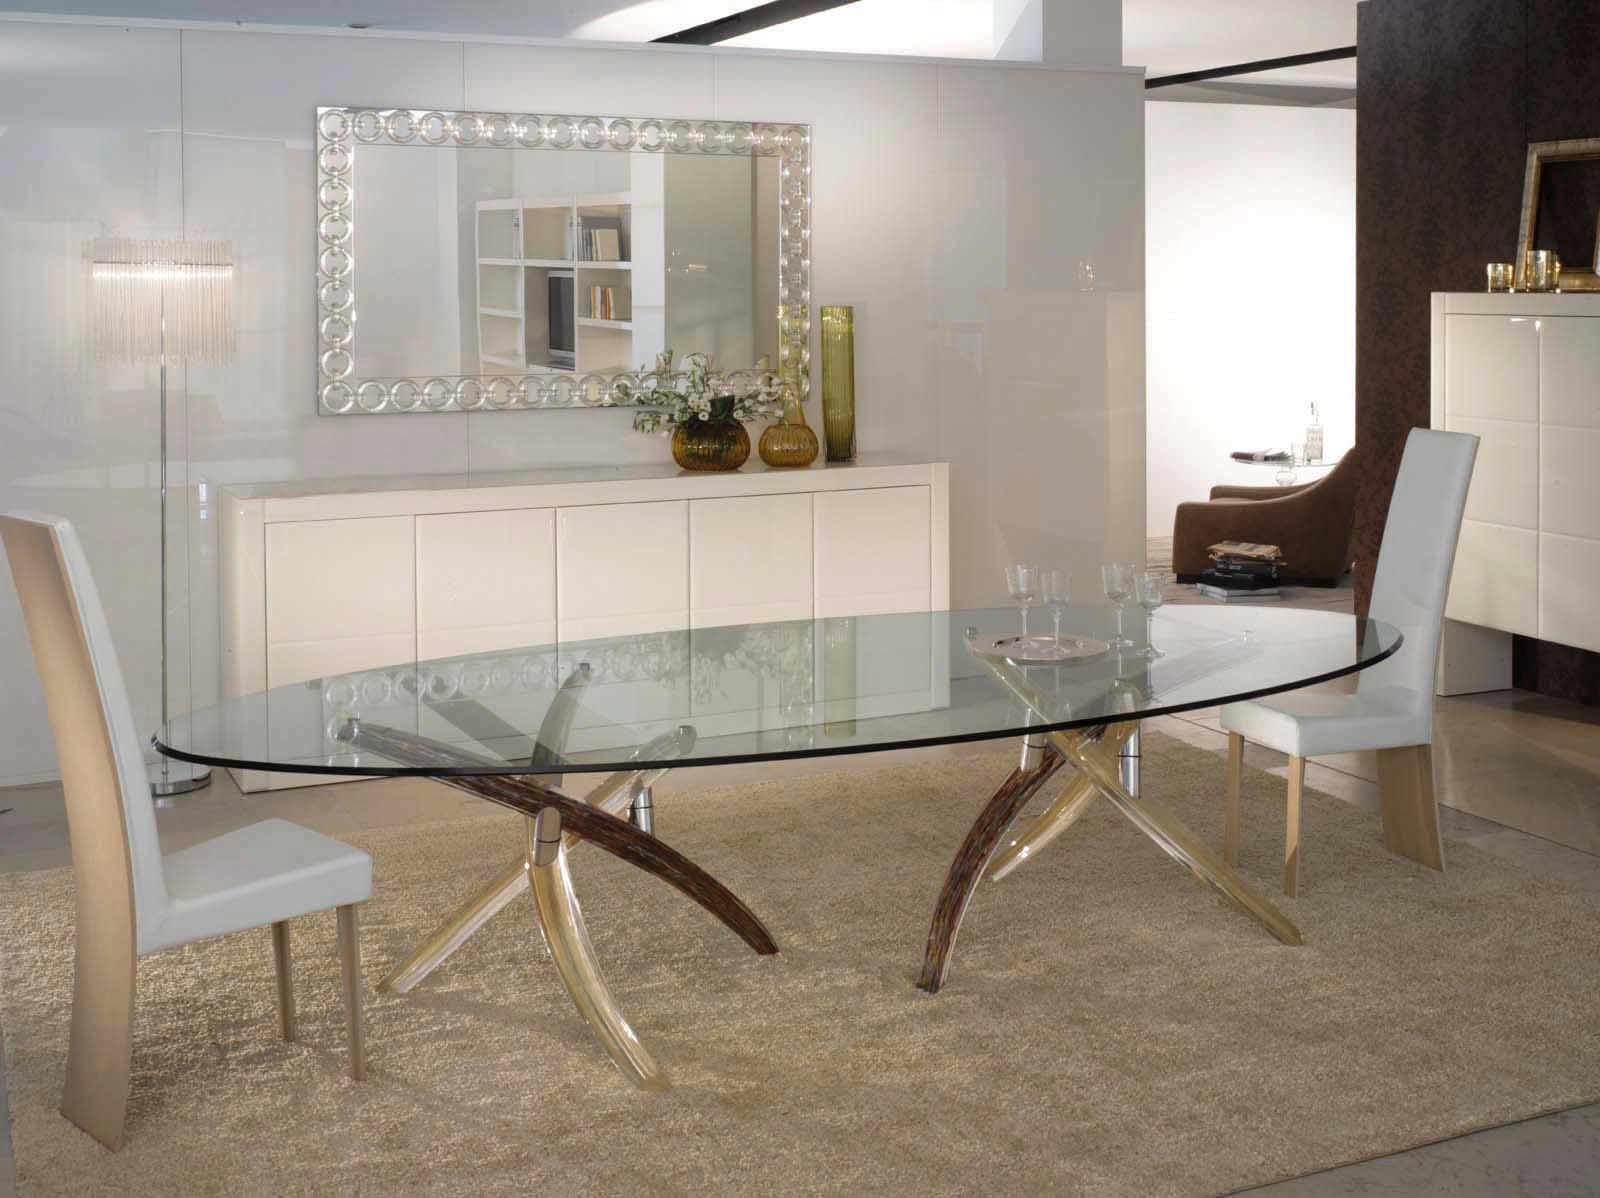 Fili d erba 40 tavolini da salotto reflex architonic - Tavoli da fumo in vetro ...